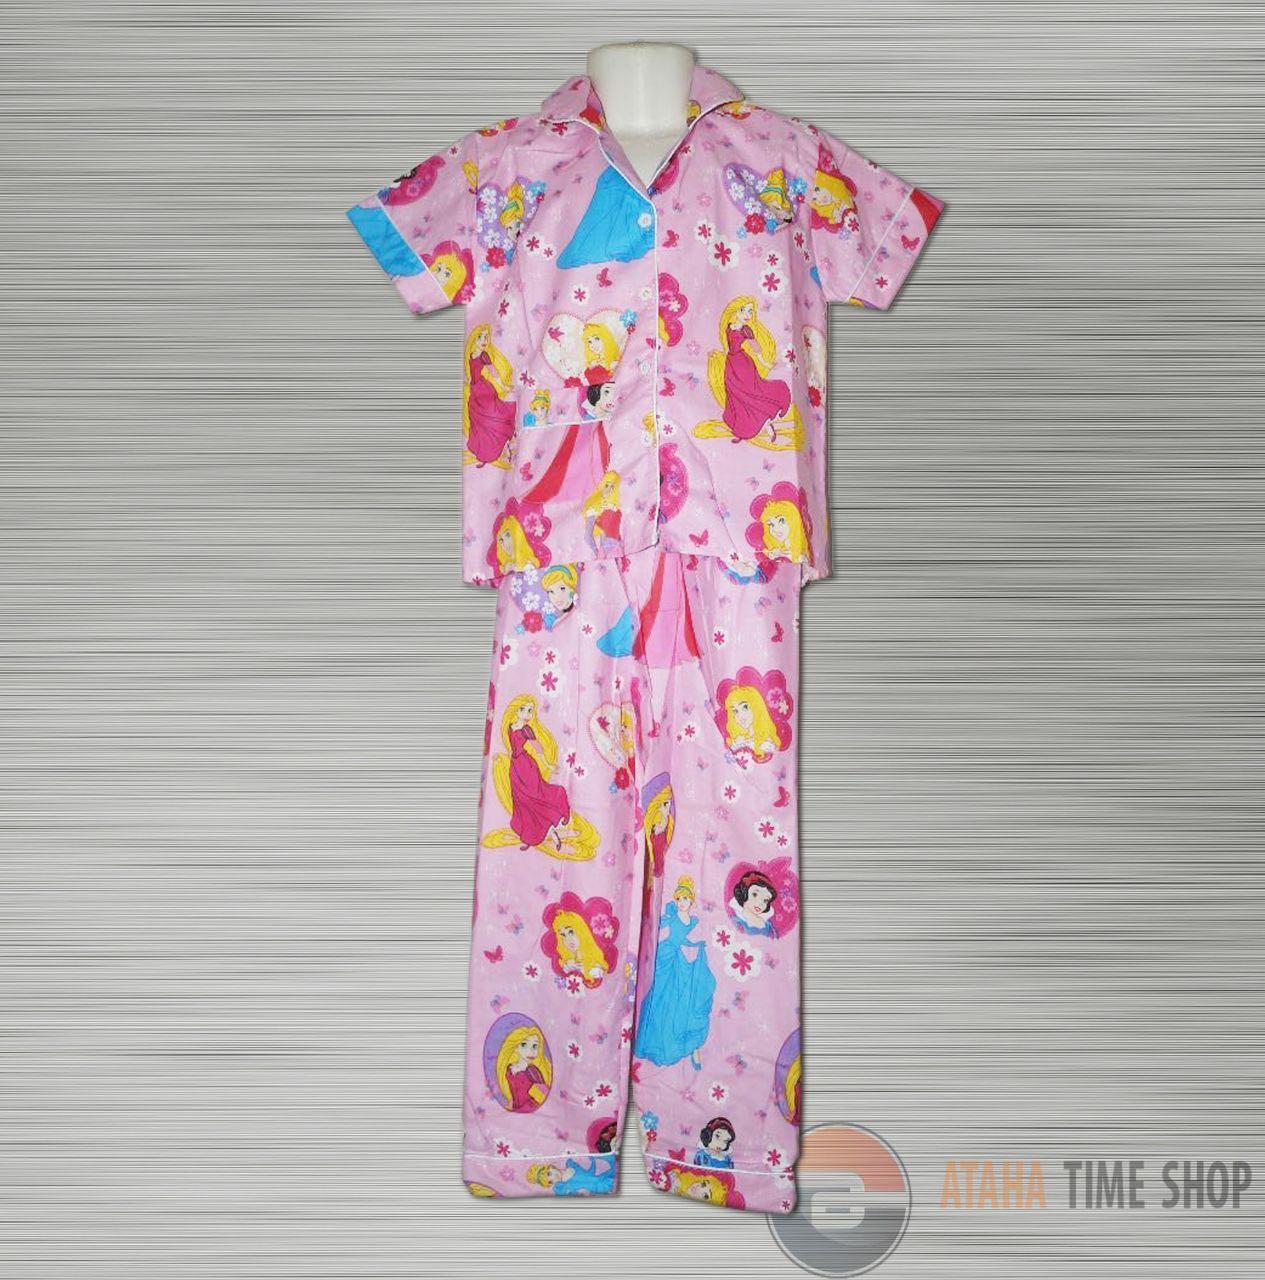 Piyama Anak Baju Tidur Anak Baju Santai Anak Motif Frozen -  Untuk Anak  4-7 Tahun